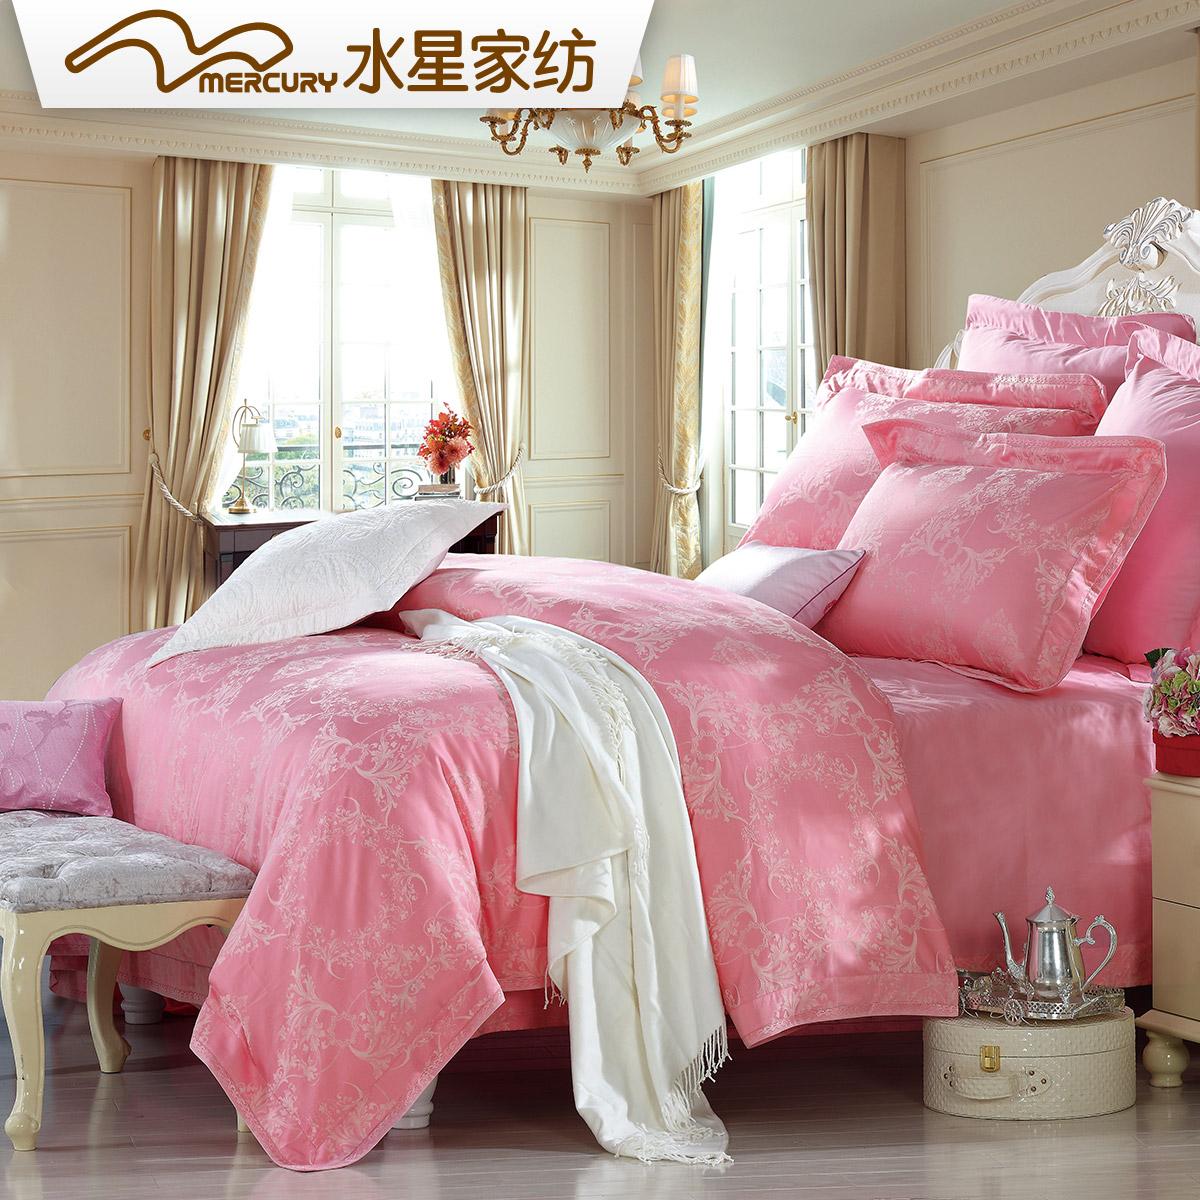 水星家纺 欧式卷纹竹棉提花染色四件套克莉丝 宫廷风床单被套